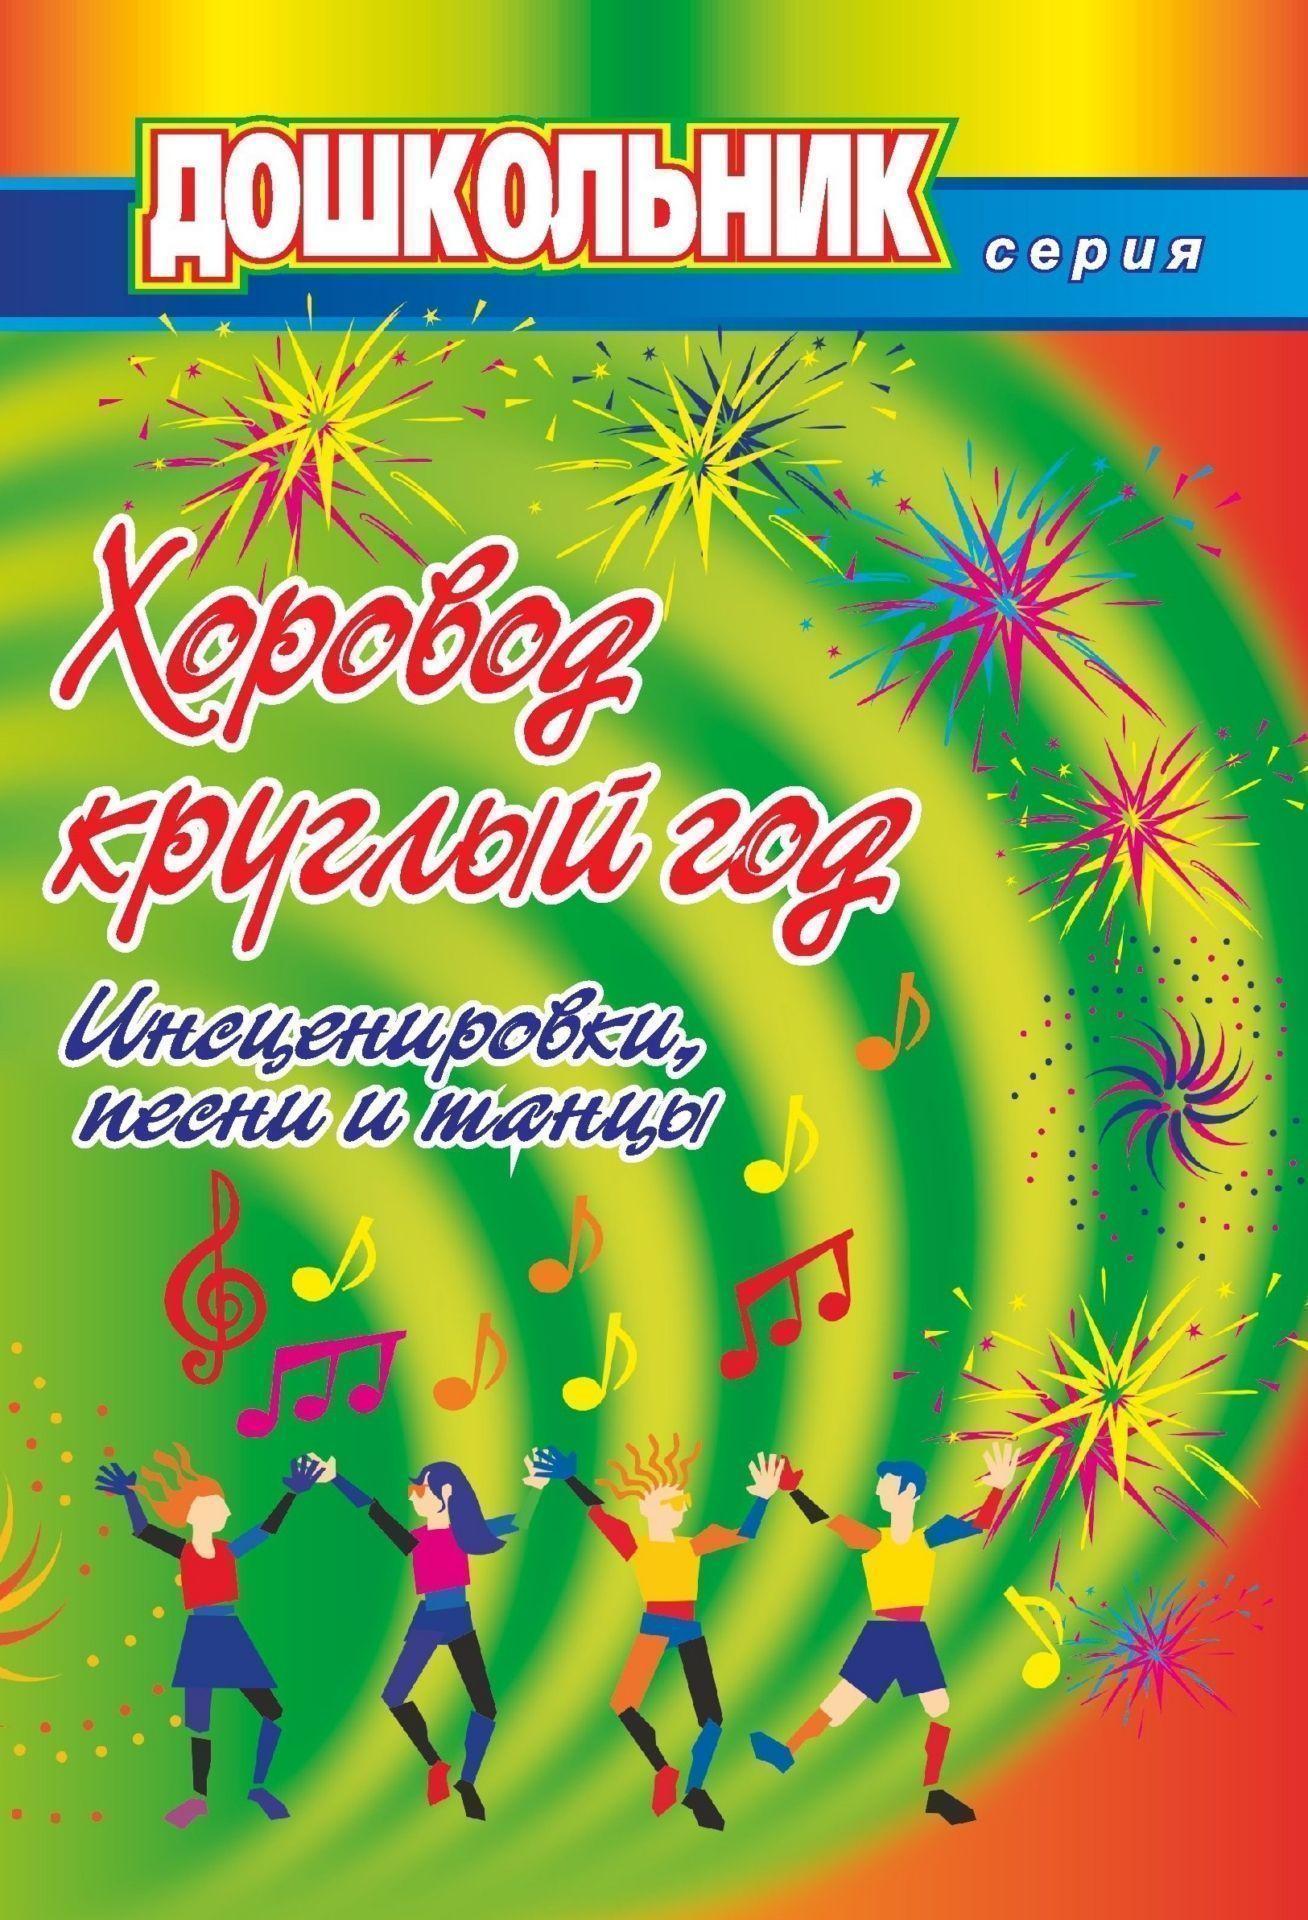 Хоровод круглый год (инсценировки, песни и танцы для дошкольников)